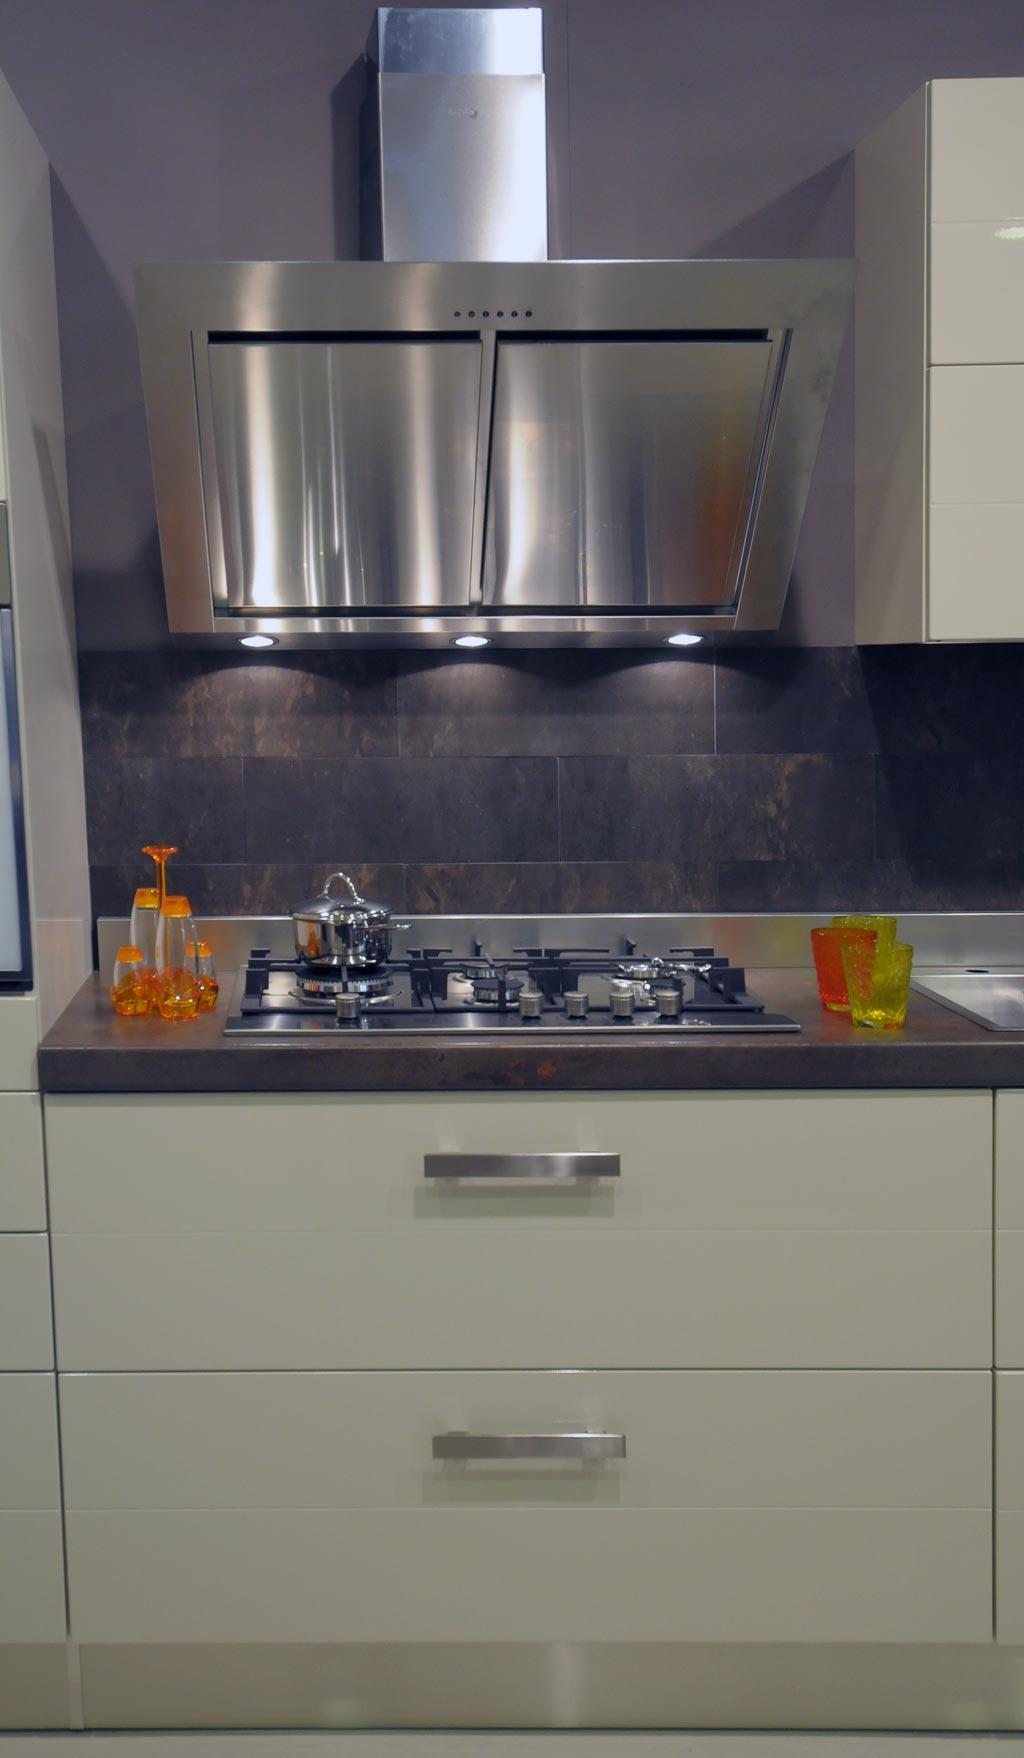 Cucina moderna starlight rivenditori cucine sicilia - Illuminazione cucina moderna ...